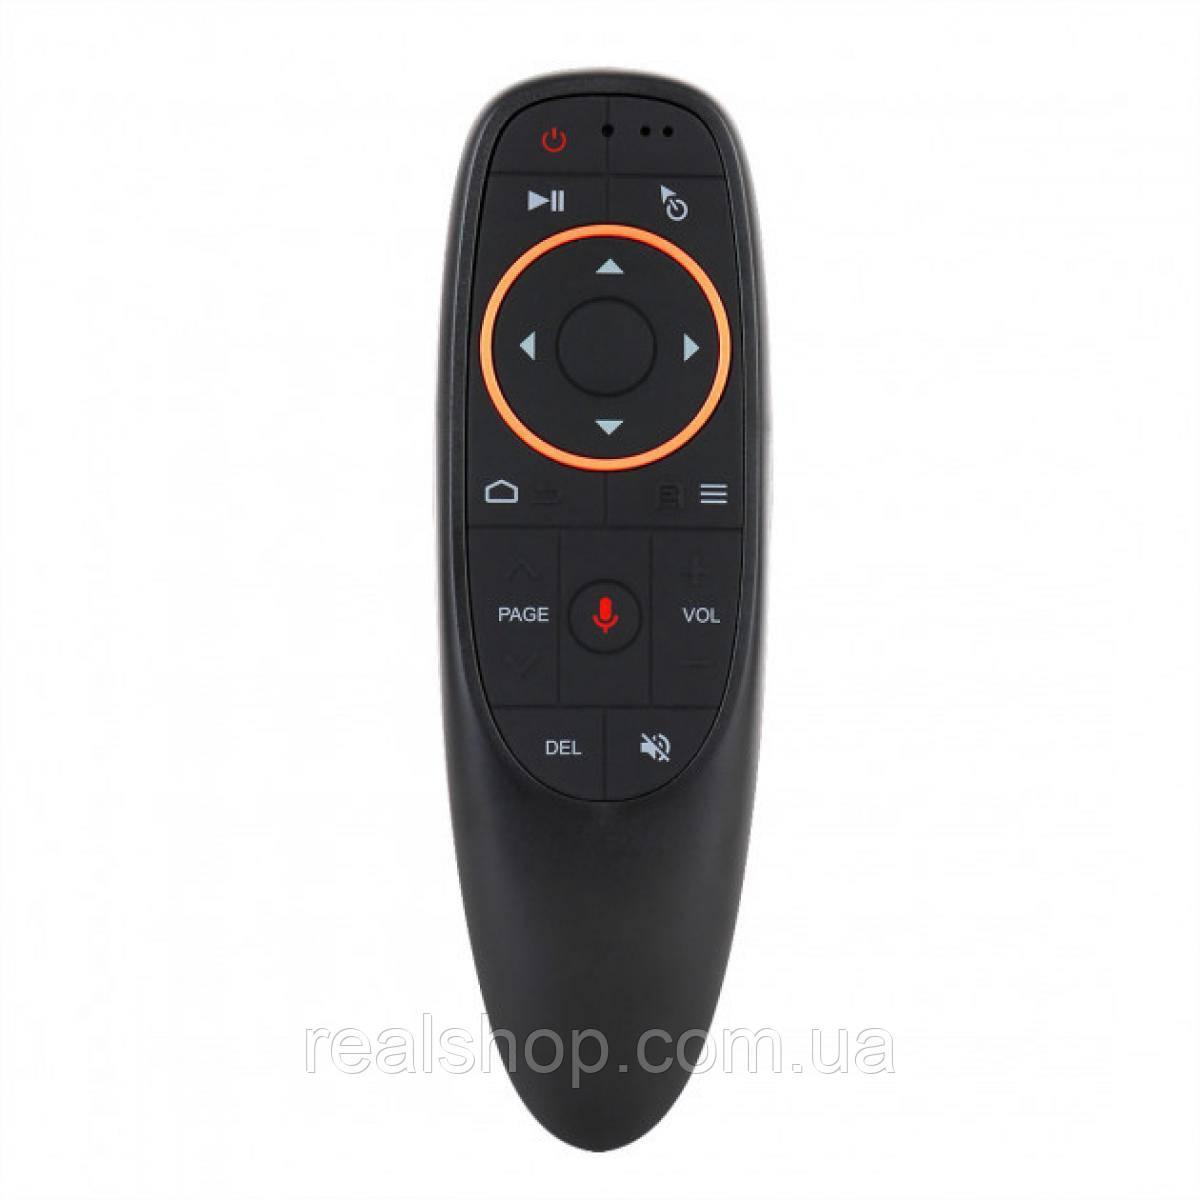 Пульт управления, мышка Air Mouse g10s + голосовой ввод